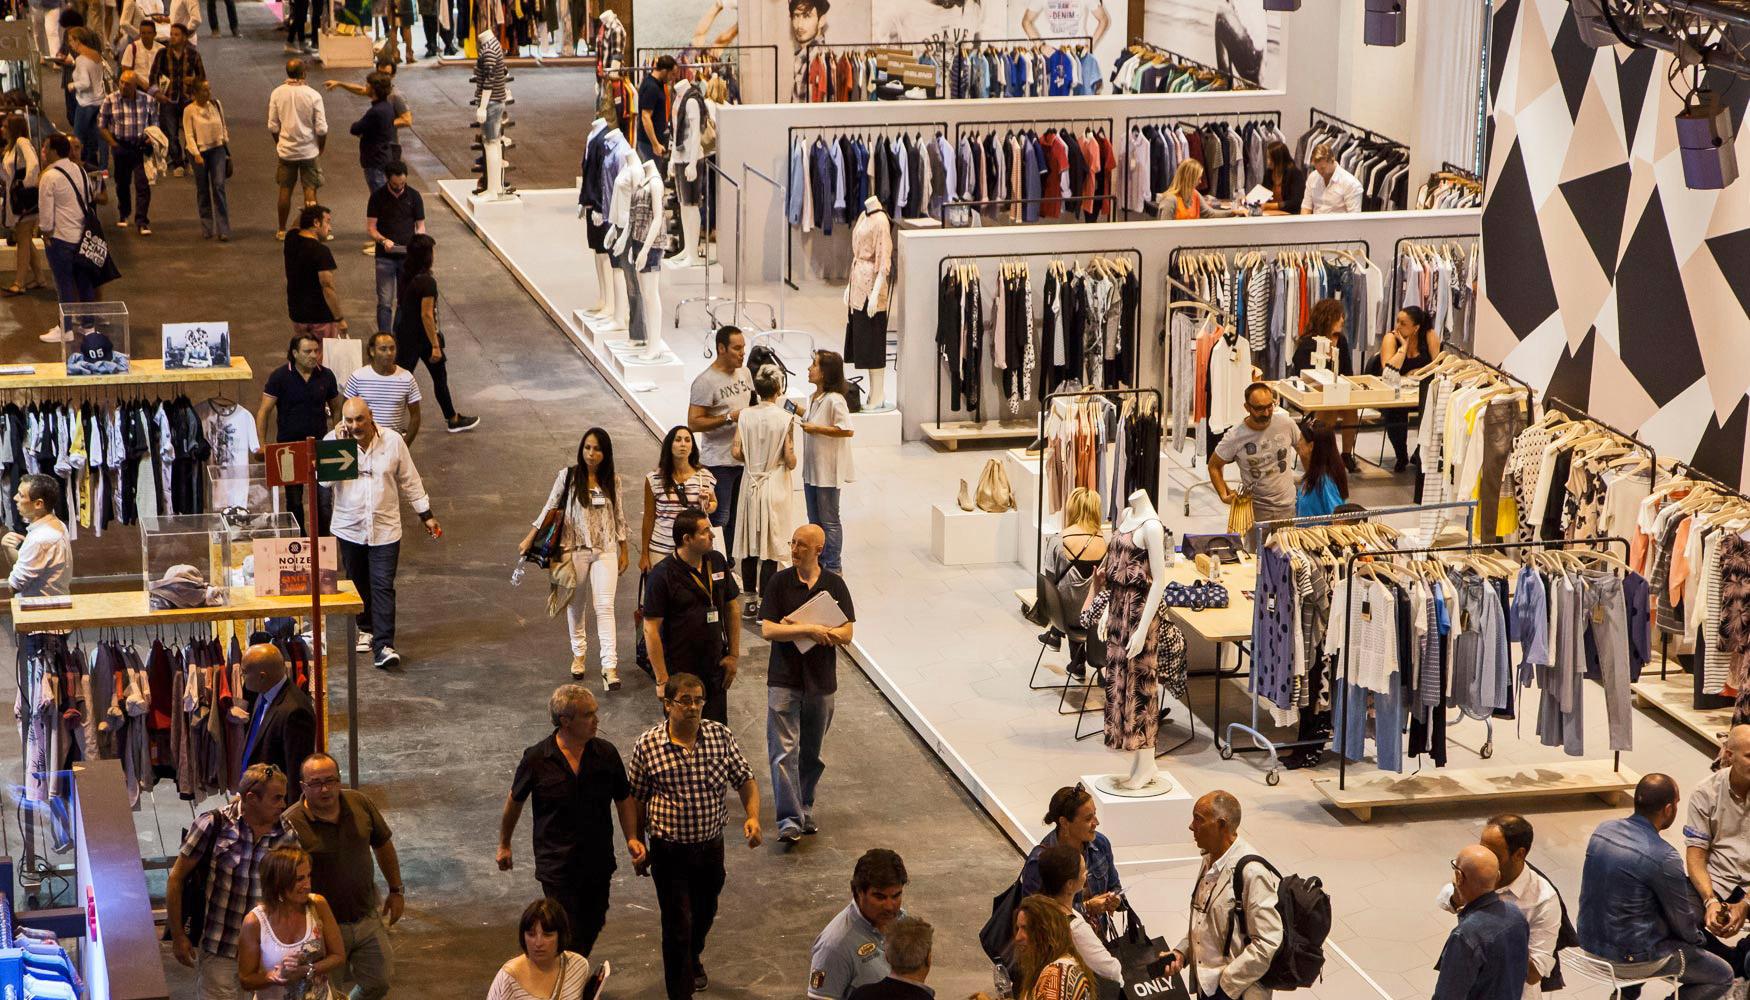 Imagen: Interempresas.net